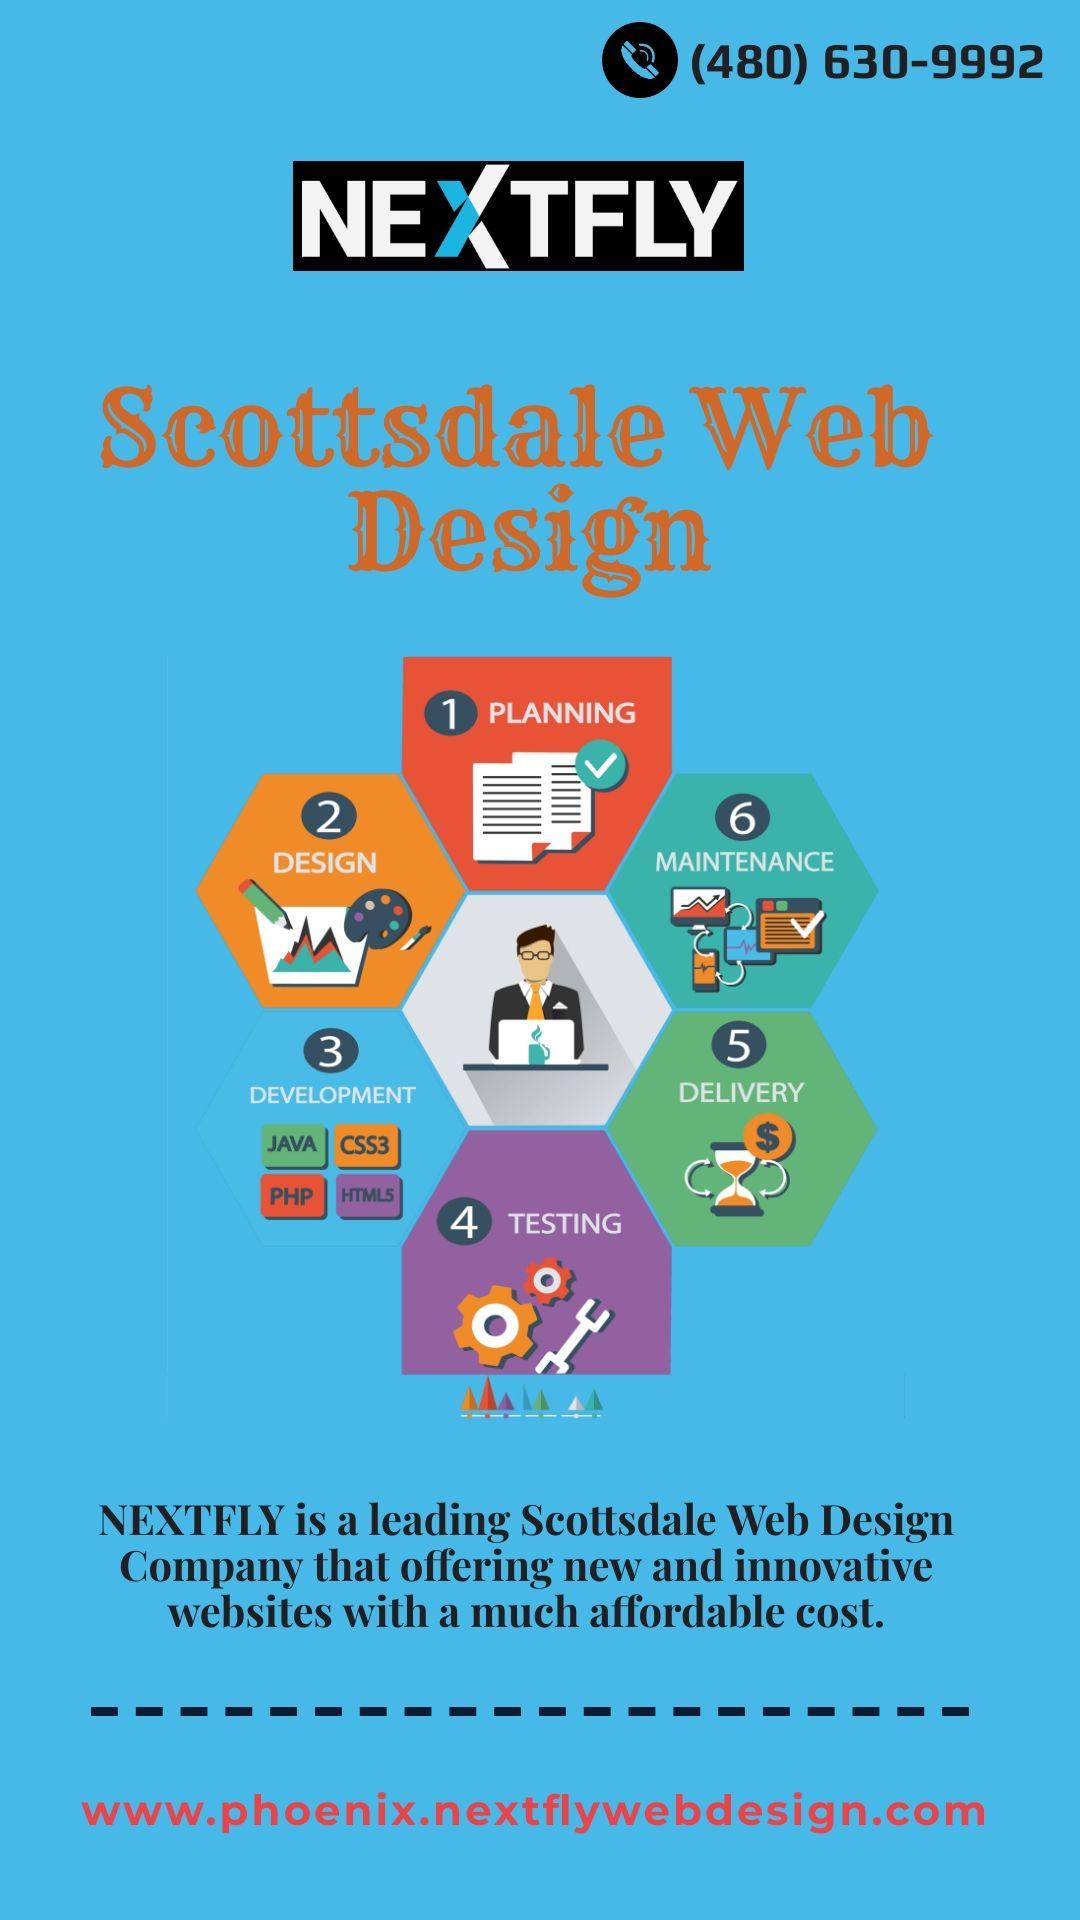 Scottsdale Web Design Web Design Web Design Company Innovative Websites